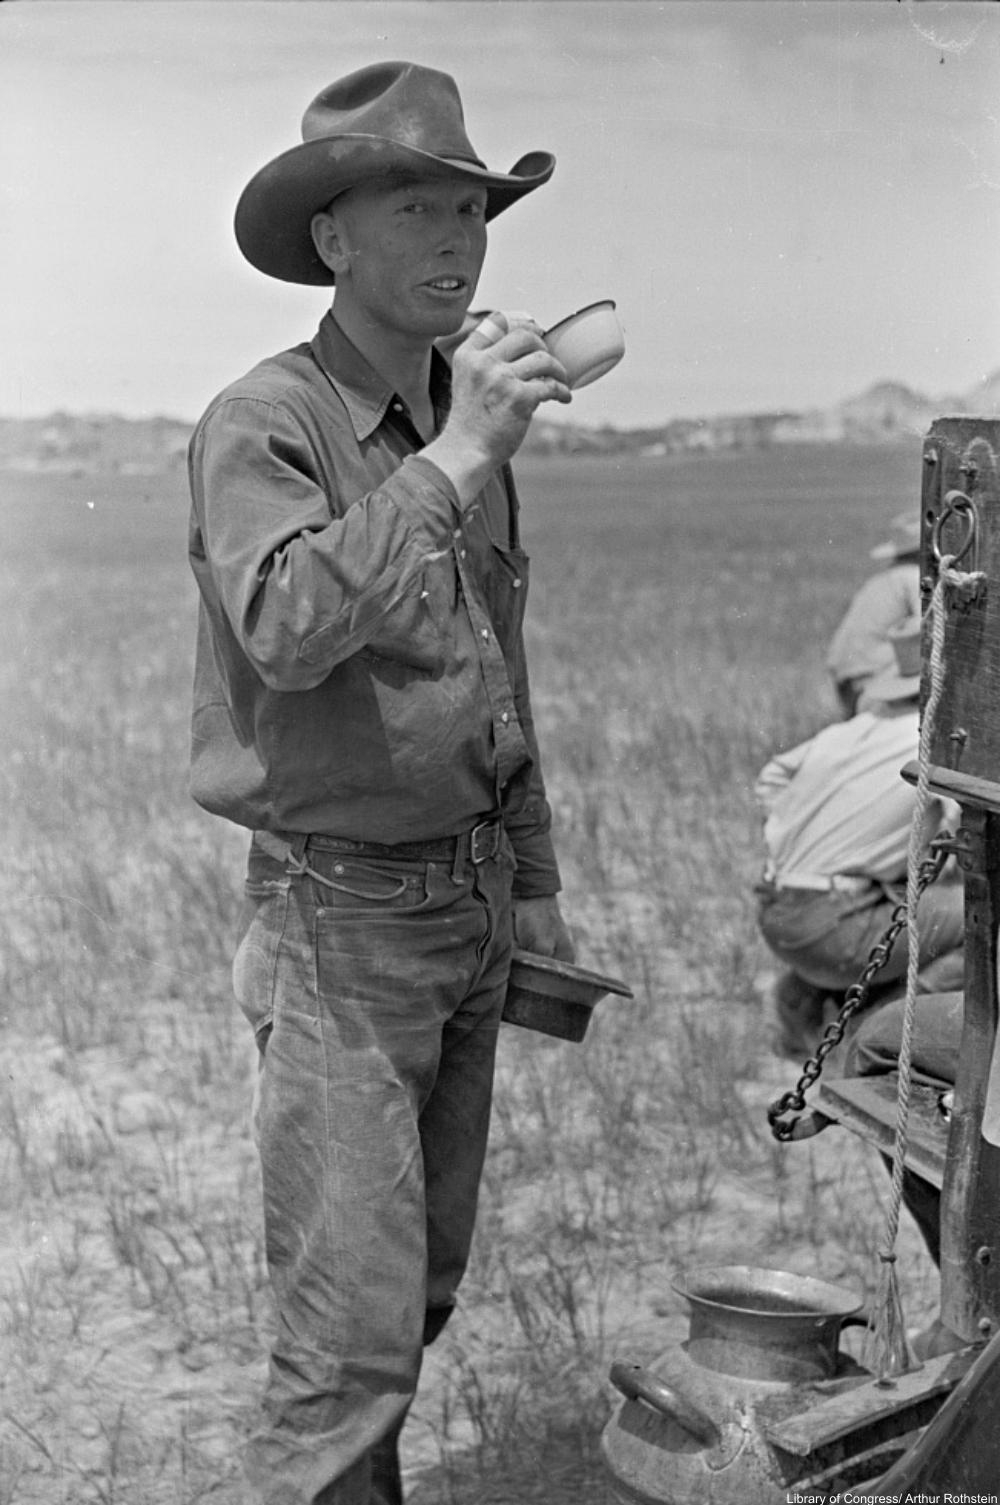 Why did cowboy fashion catch on?